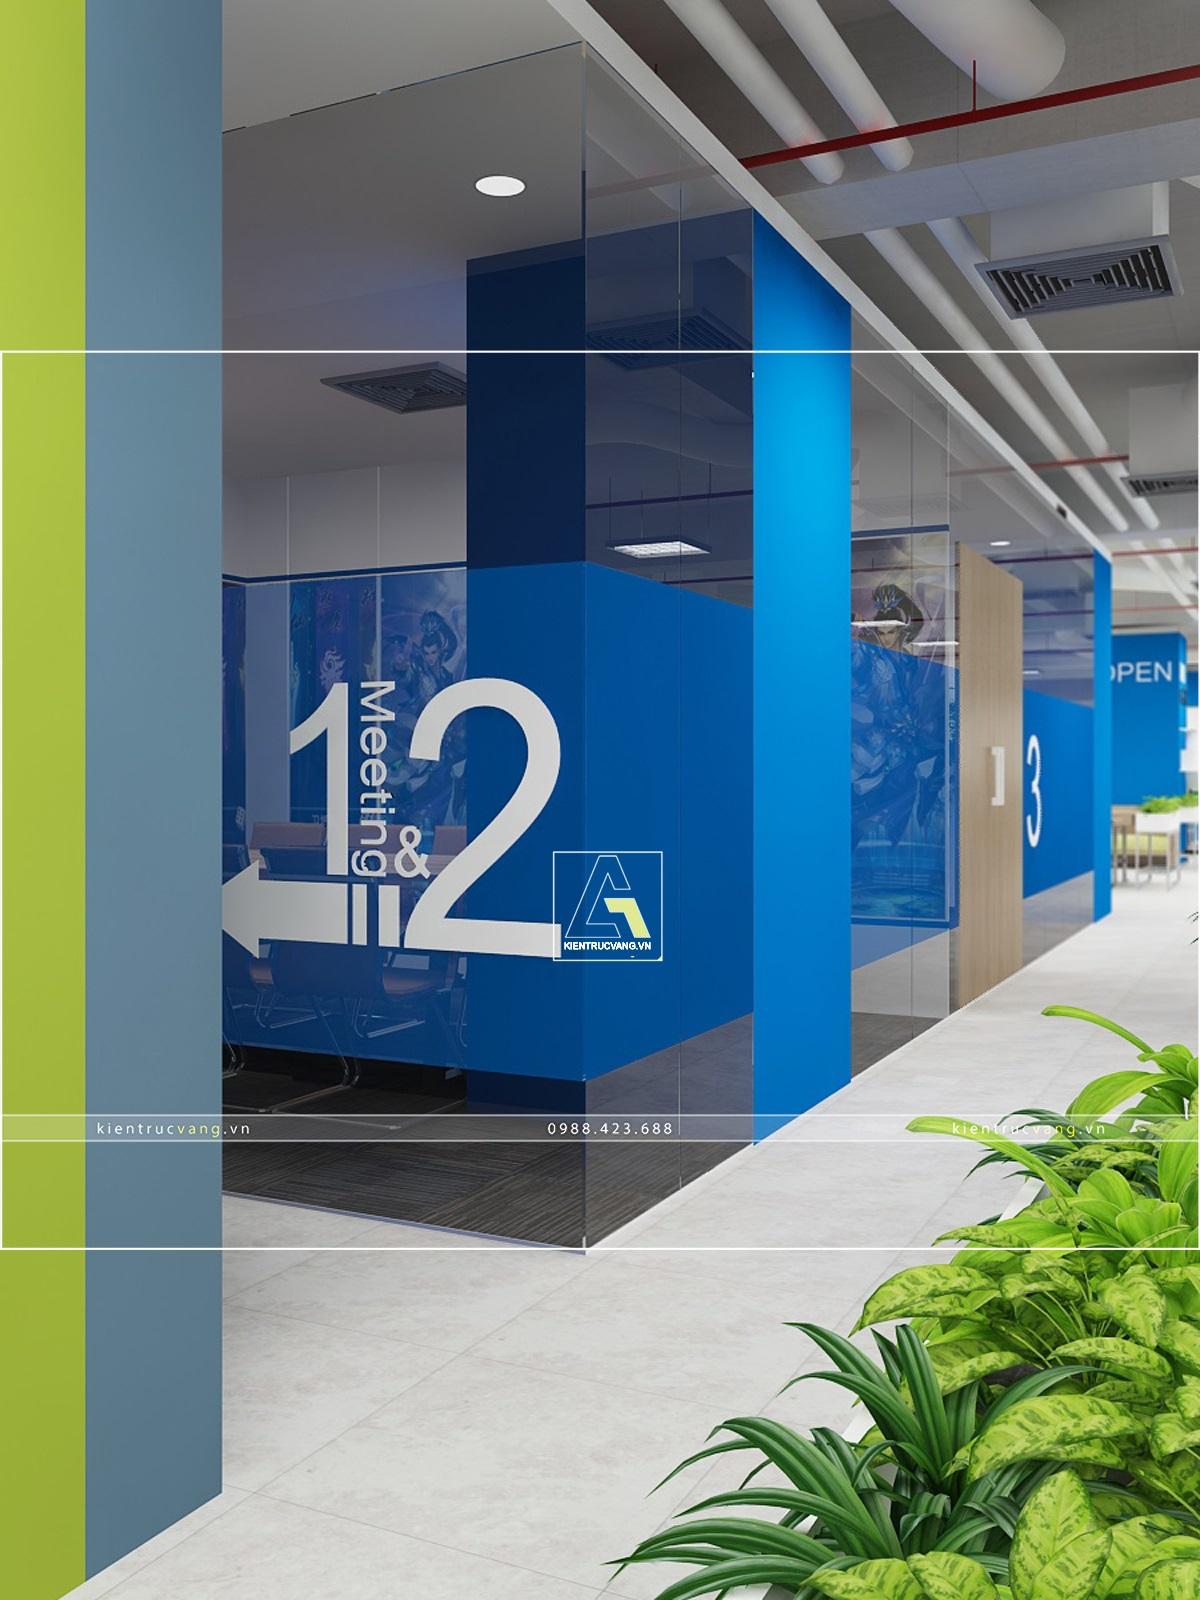 thiết kế nội thất Văn Phòng tại Hà Nội Thiết kế nội thất văn phòng VTC Mobile Hà Nội 21 1530872964